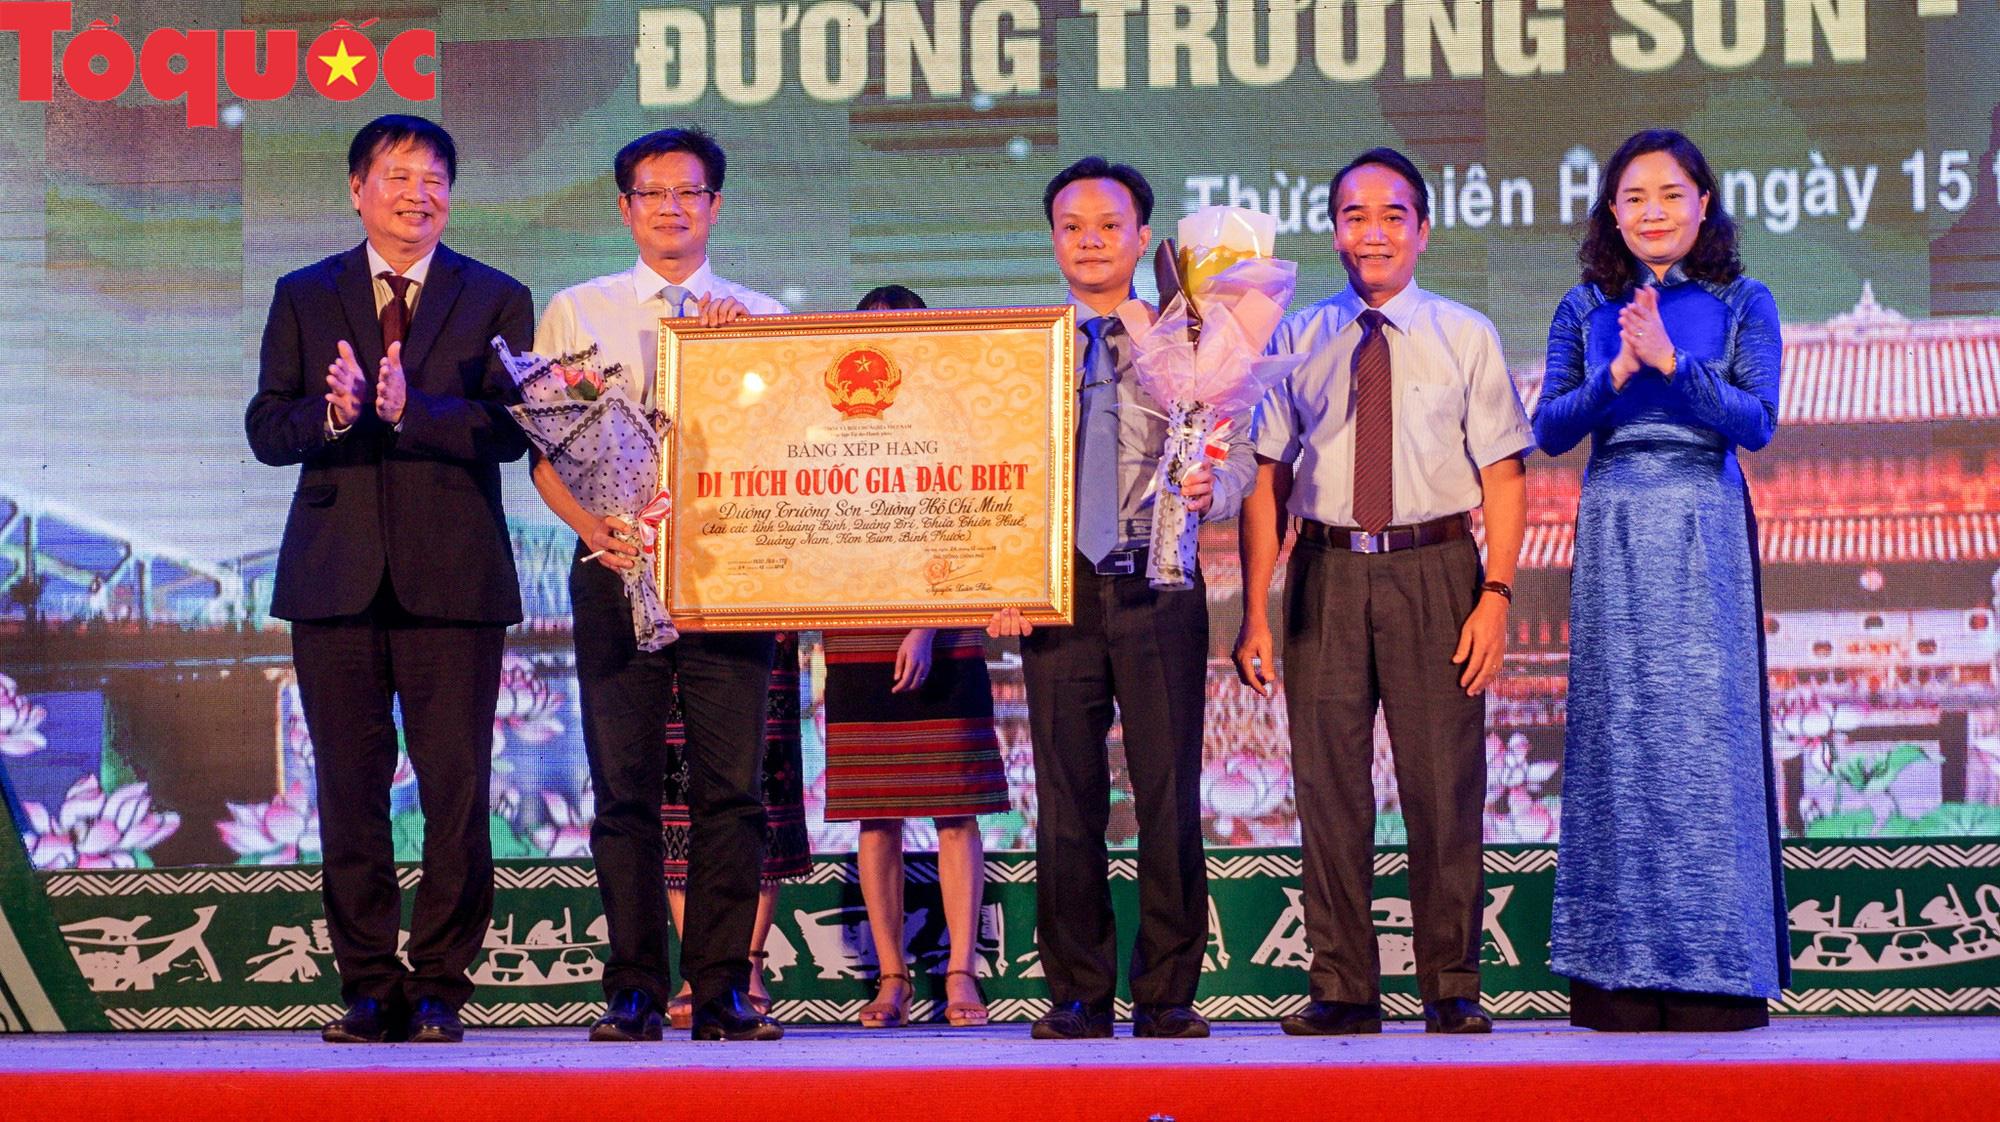 Thừa Thiên Huế đón nhận bằng xếp hạng Di tích Quốc gia đặc biệt Đường Trường Sơn - Đường Hồ Chí Minh - Ảnh 1.